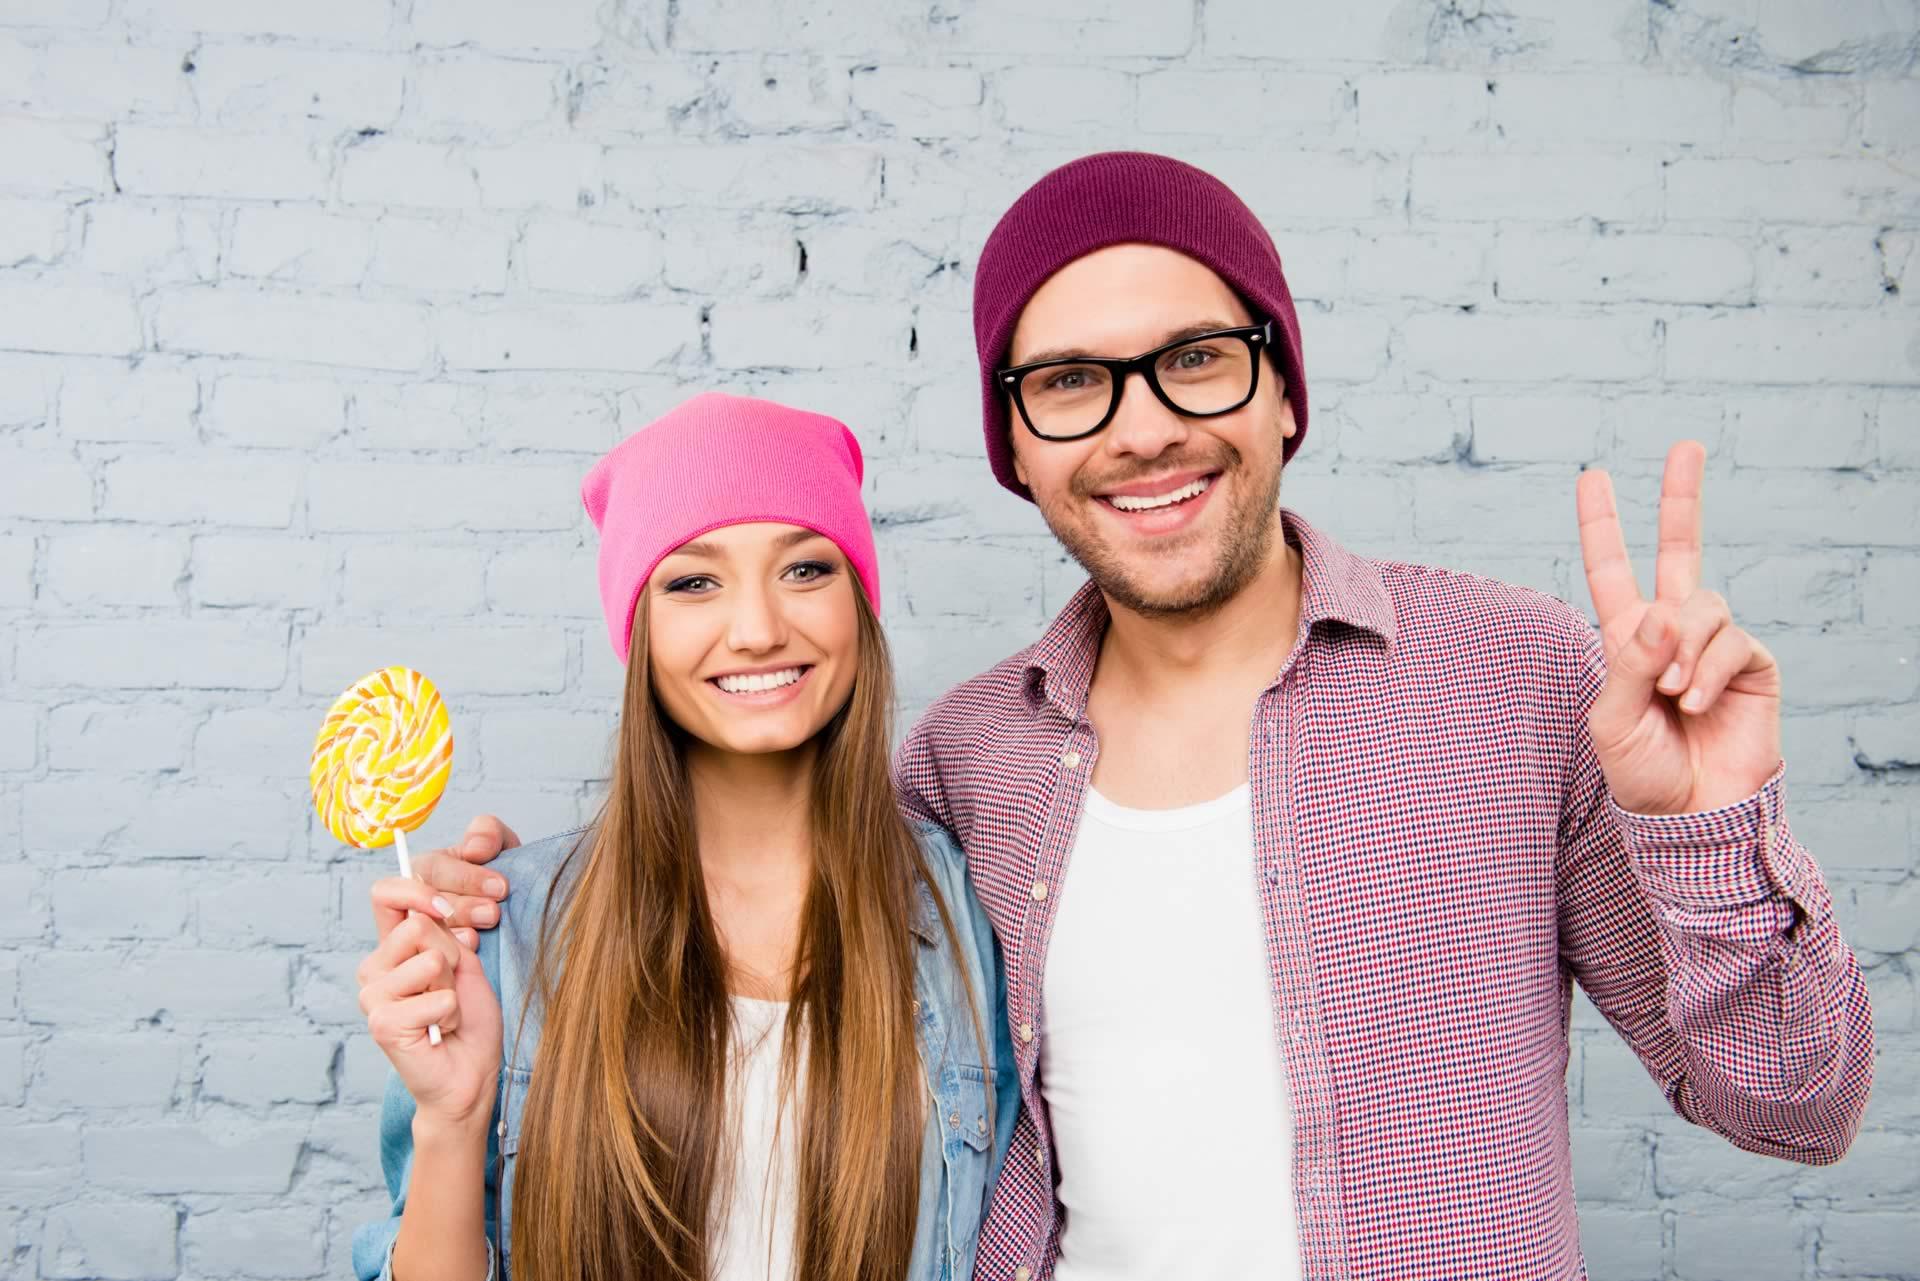 Zobacz najbliższe szybkie randki dla chrześcijan w Twoim mieście